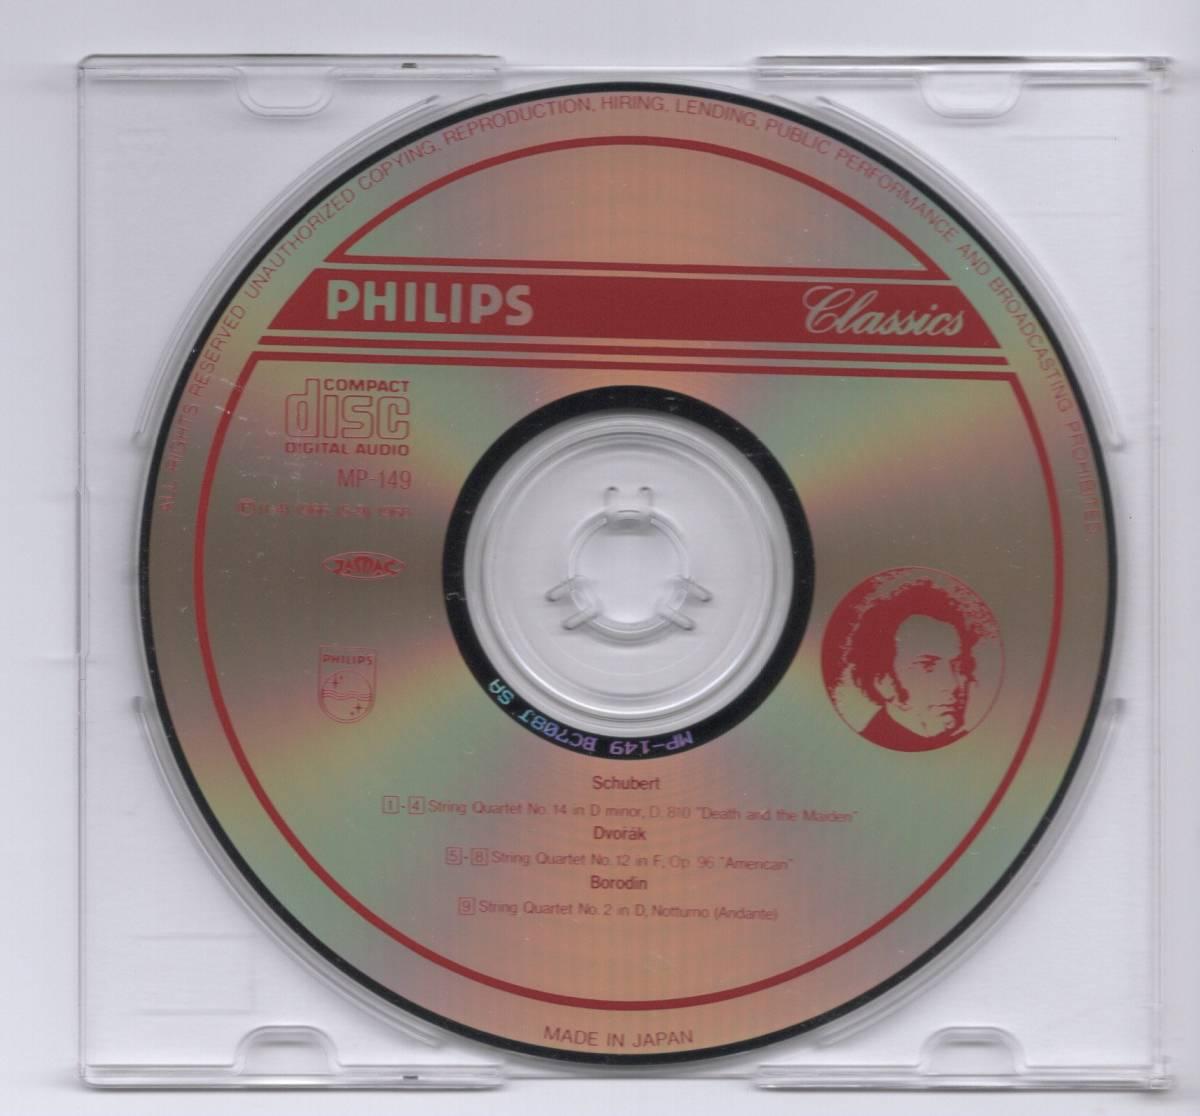 CD シューベルト:弦楽四重奏曲「死と乙女」 ドヴォルザーク:弦楽四重奏曲「アメリカ」 他 イタリア弦楽四重奏団_画像3